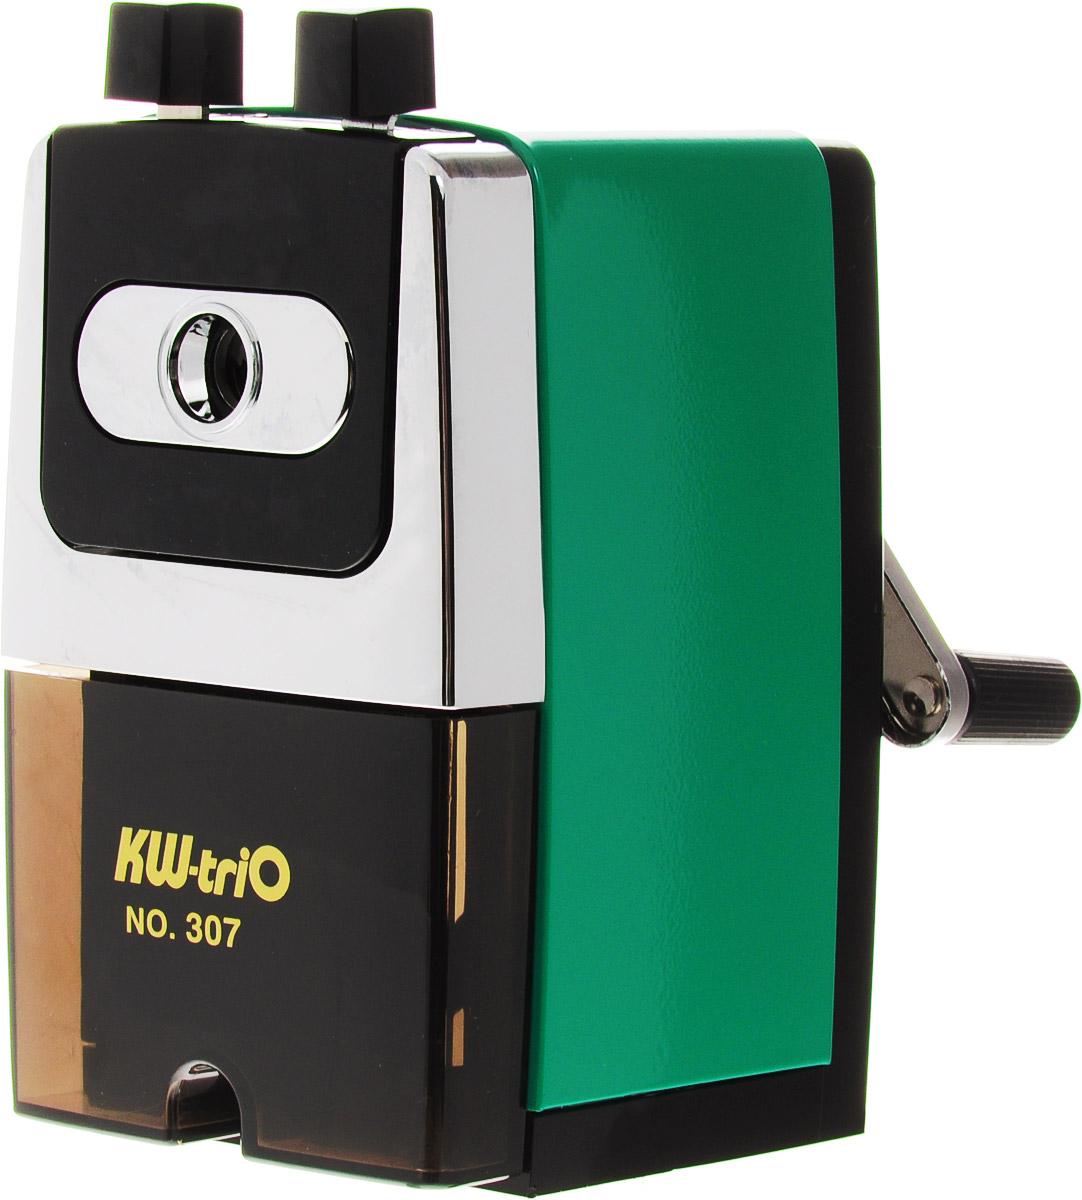 KW-trio Точилка 307A цвет зеленый307AgrnТочилка KW-trio 307A хорошо точит любые карандаши.Она пригодится любому студенту или школьнику. Максимальный диаметр карандаша до 8мм.также точилка оснащена контейнером для стружки и струбцина для крепления к столу.